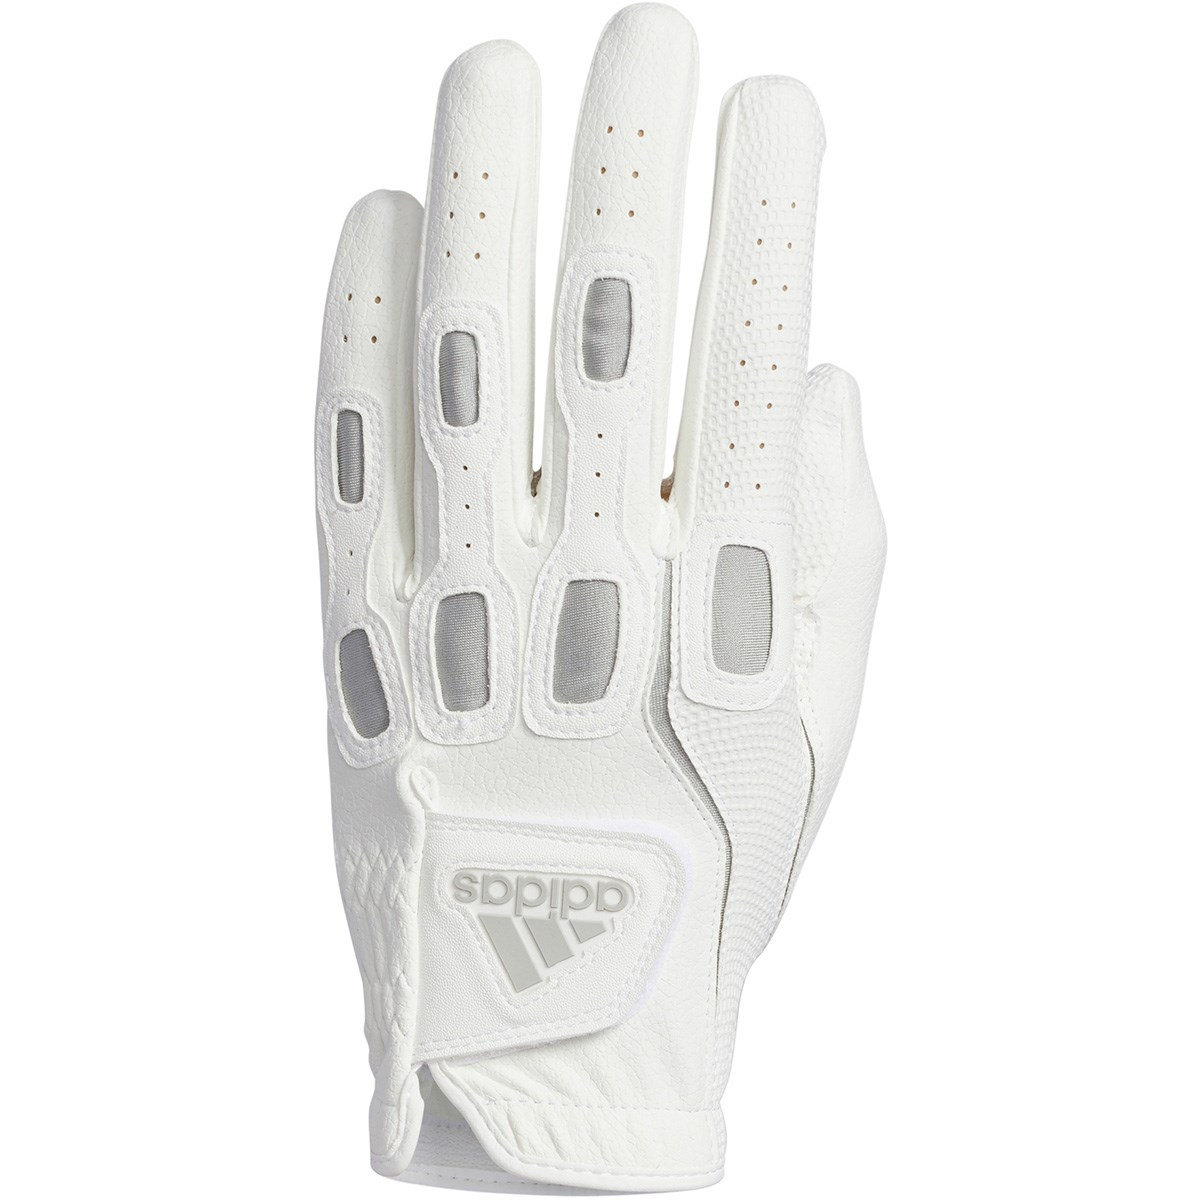 アディダス Adidas マルチフィット9 グローブ 21cm 左手着用(右利き用) ホワイト/グレー